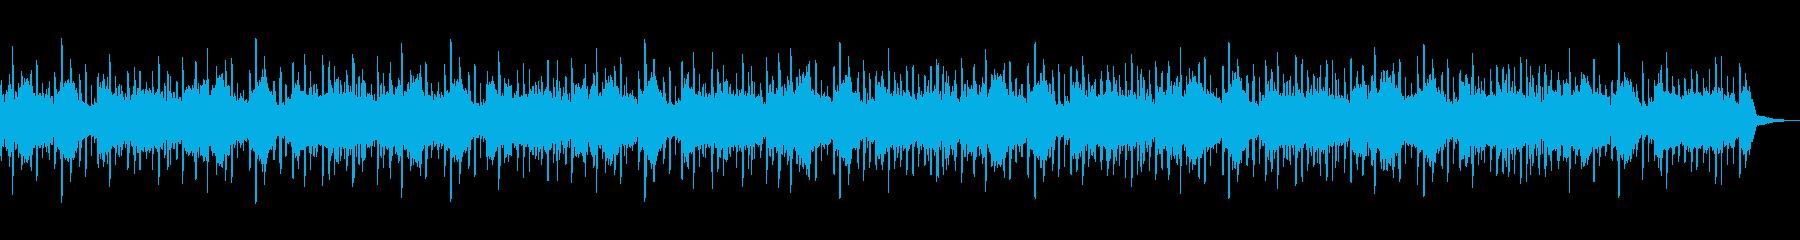 浮遊感・幻想的・チルアウト・ヒップホップの再生済みの波形